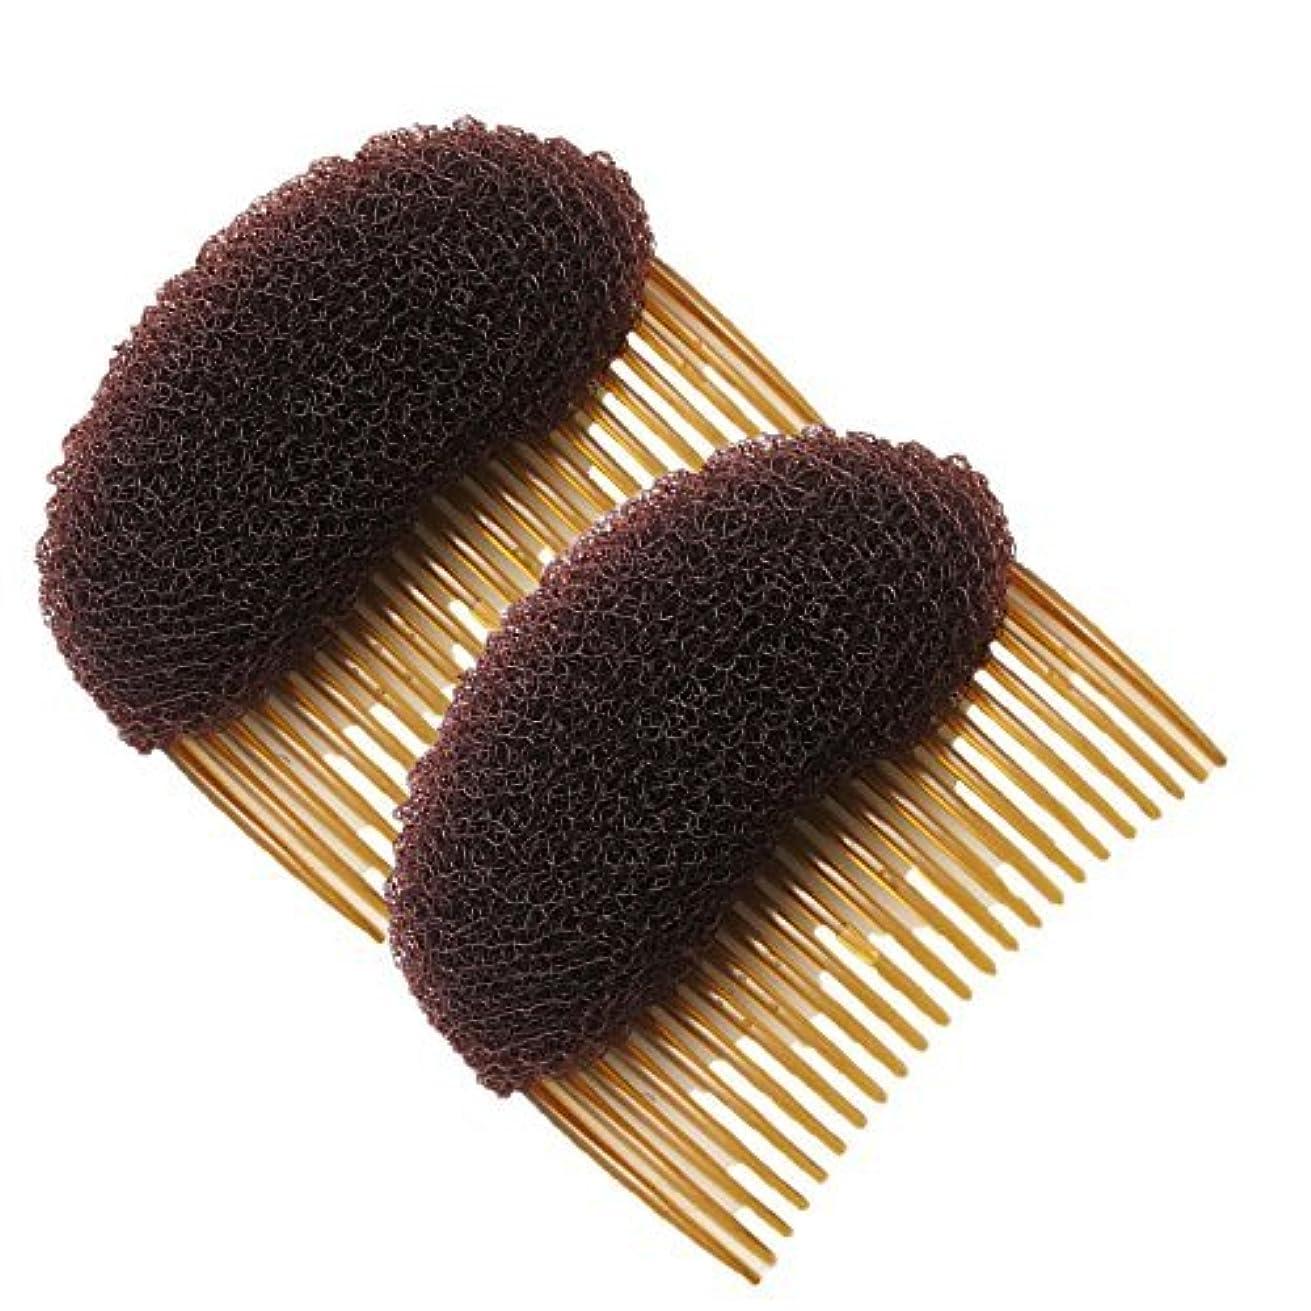 パントリー幻影価格Healtheveryday?2PCS Charming BUMP IT UP Volume Inserts Do Beehive hair styler Insert Tool Hair Comb Black/Brown...